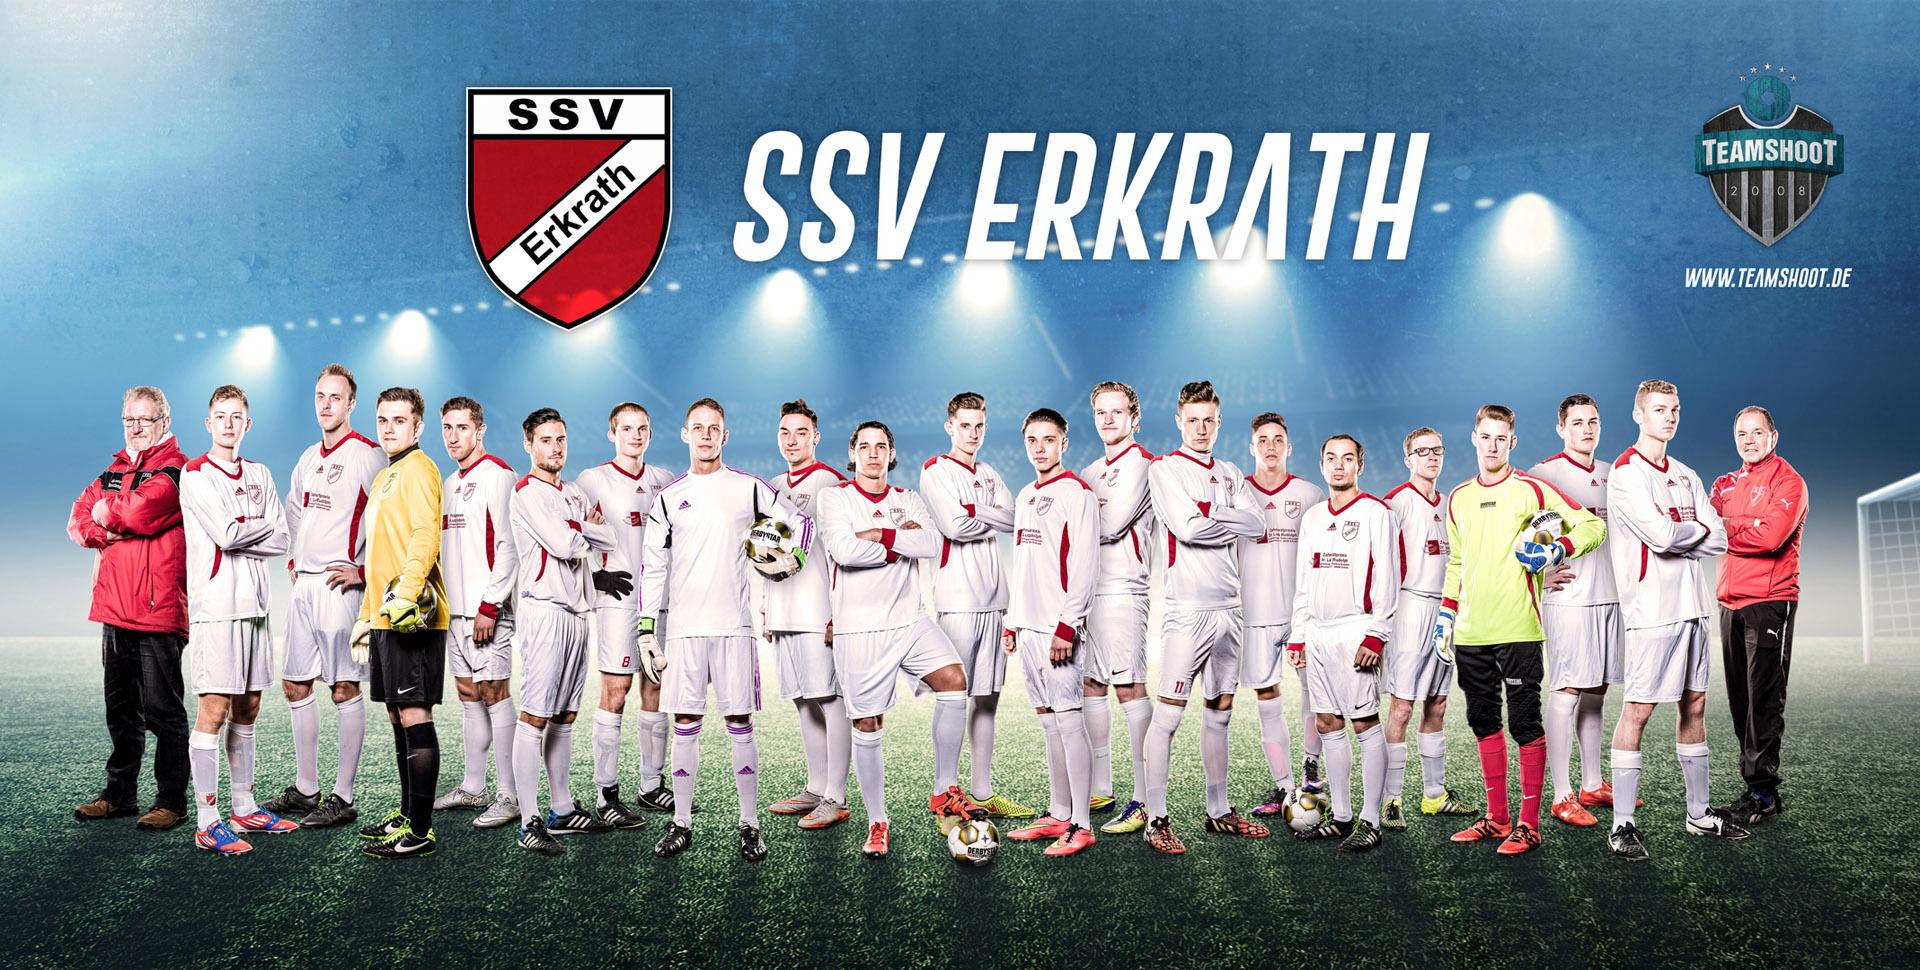 Fussball Fotograf Mannschaftsfotos Und Portraits Ssv Erkrath